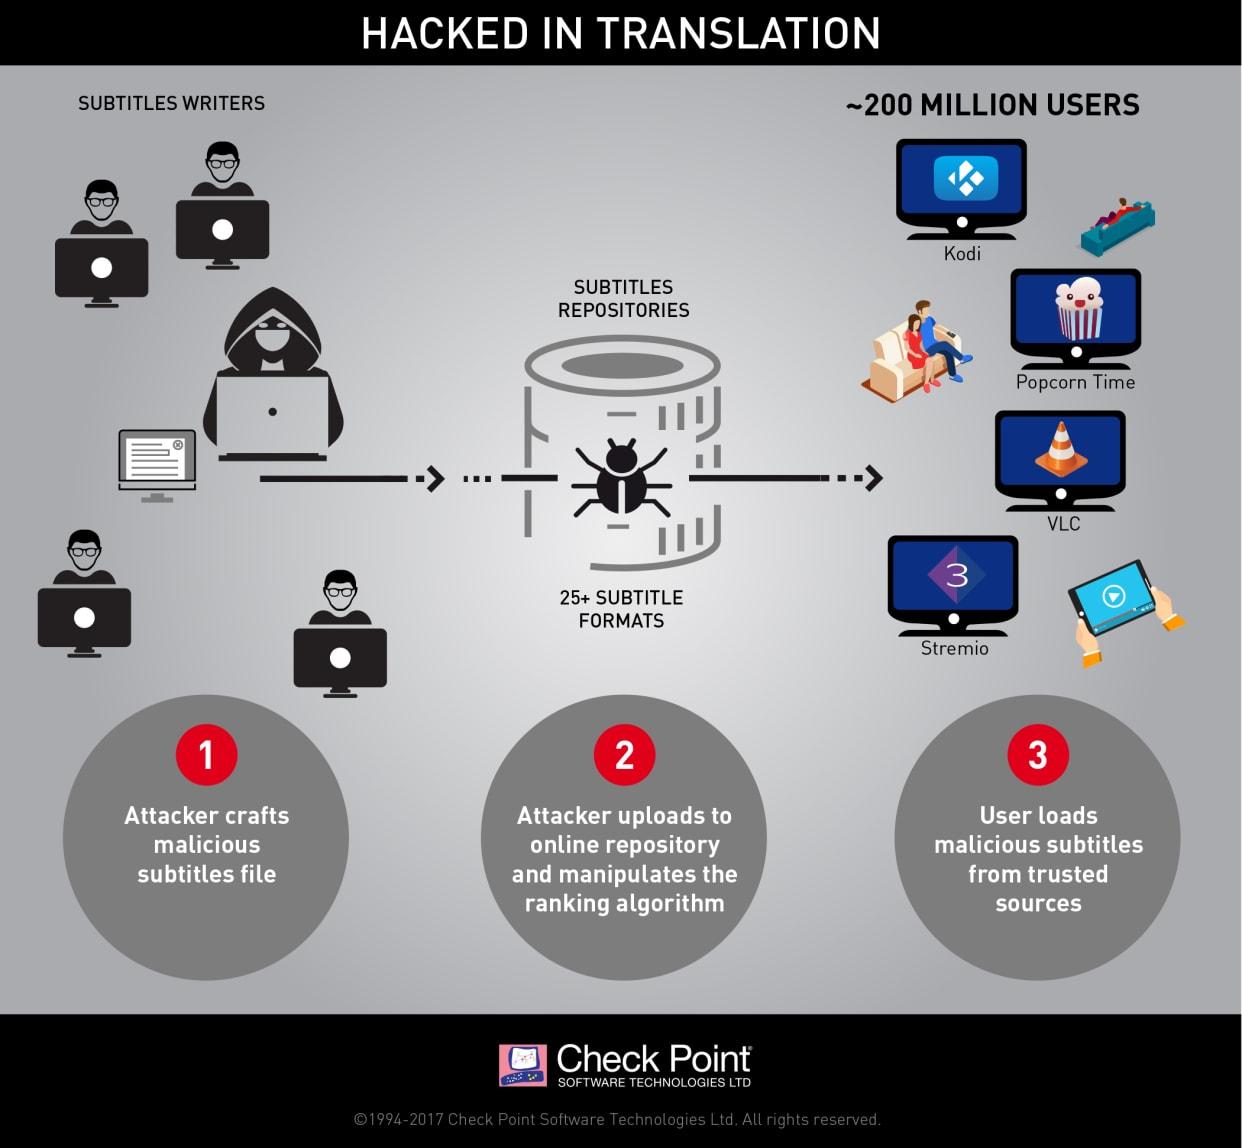 Check Point avslöjar hackerattack mot hundratals miljoner filmtittare 2